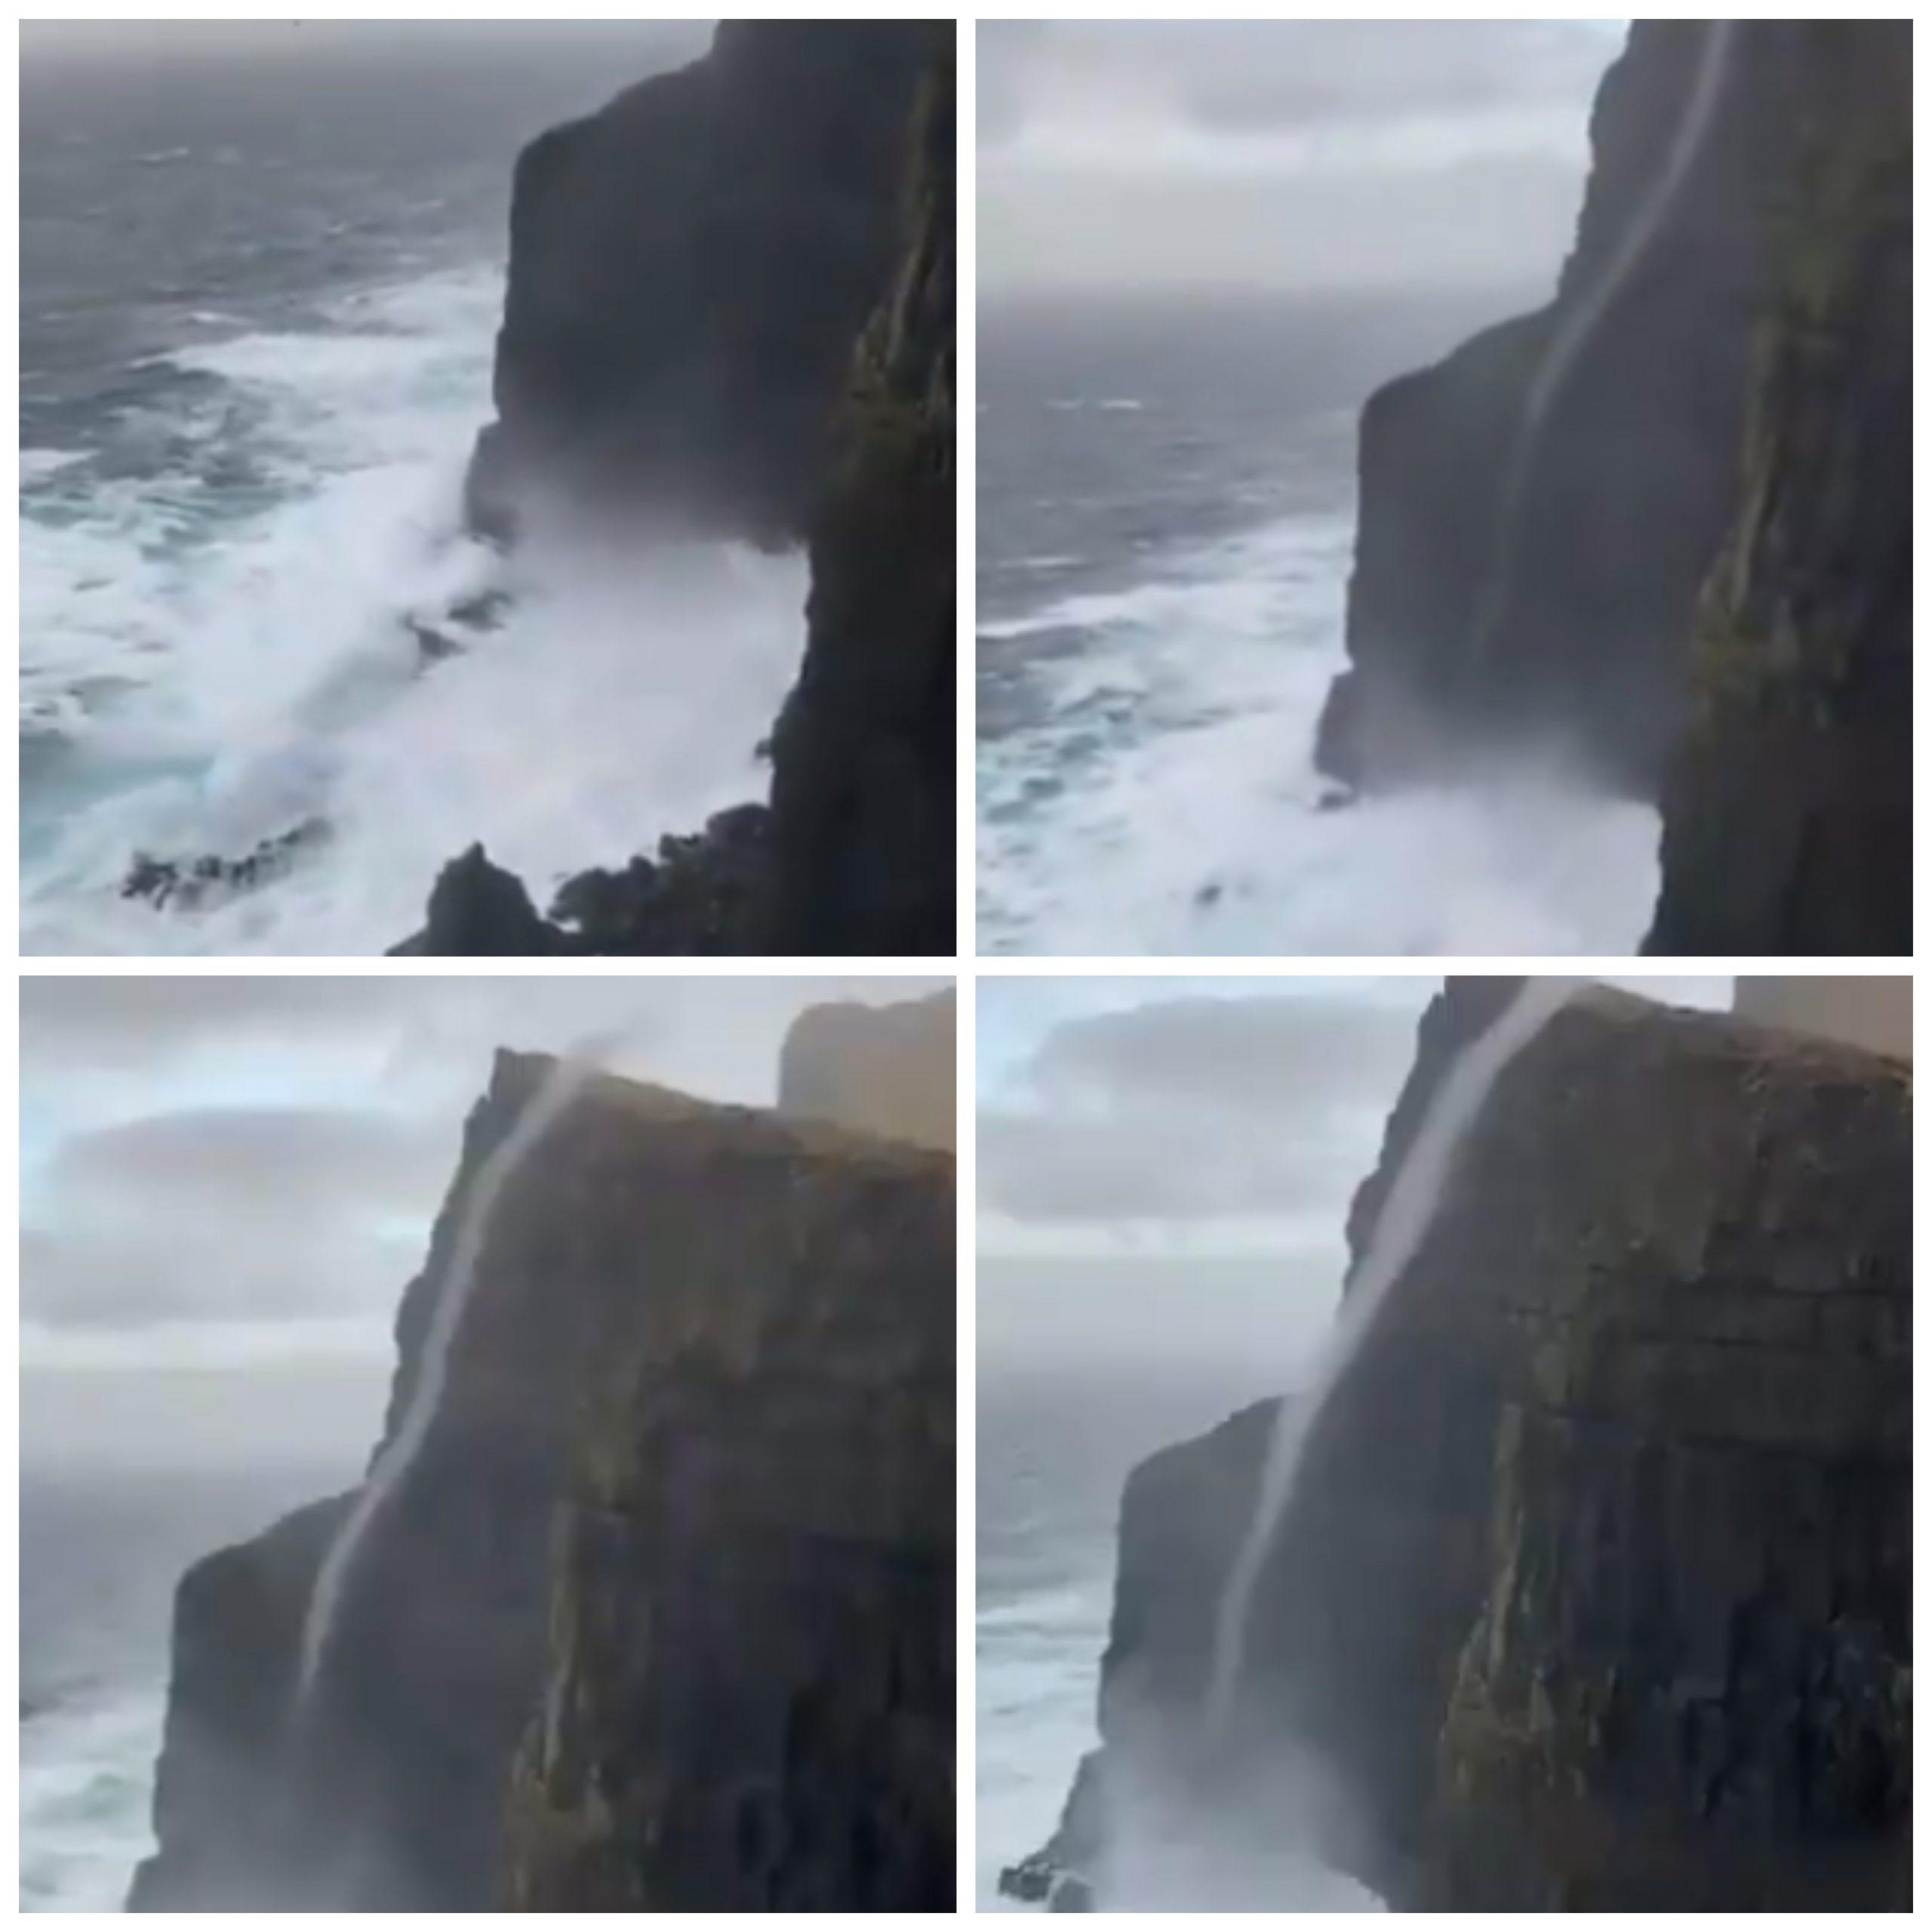 Vídeo capta remolino de agua que sube casi 500 metros en Dinamarca